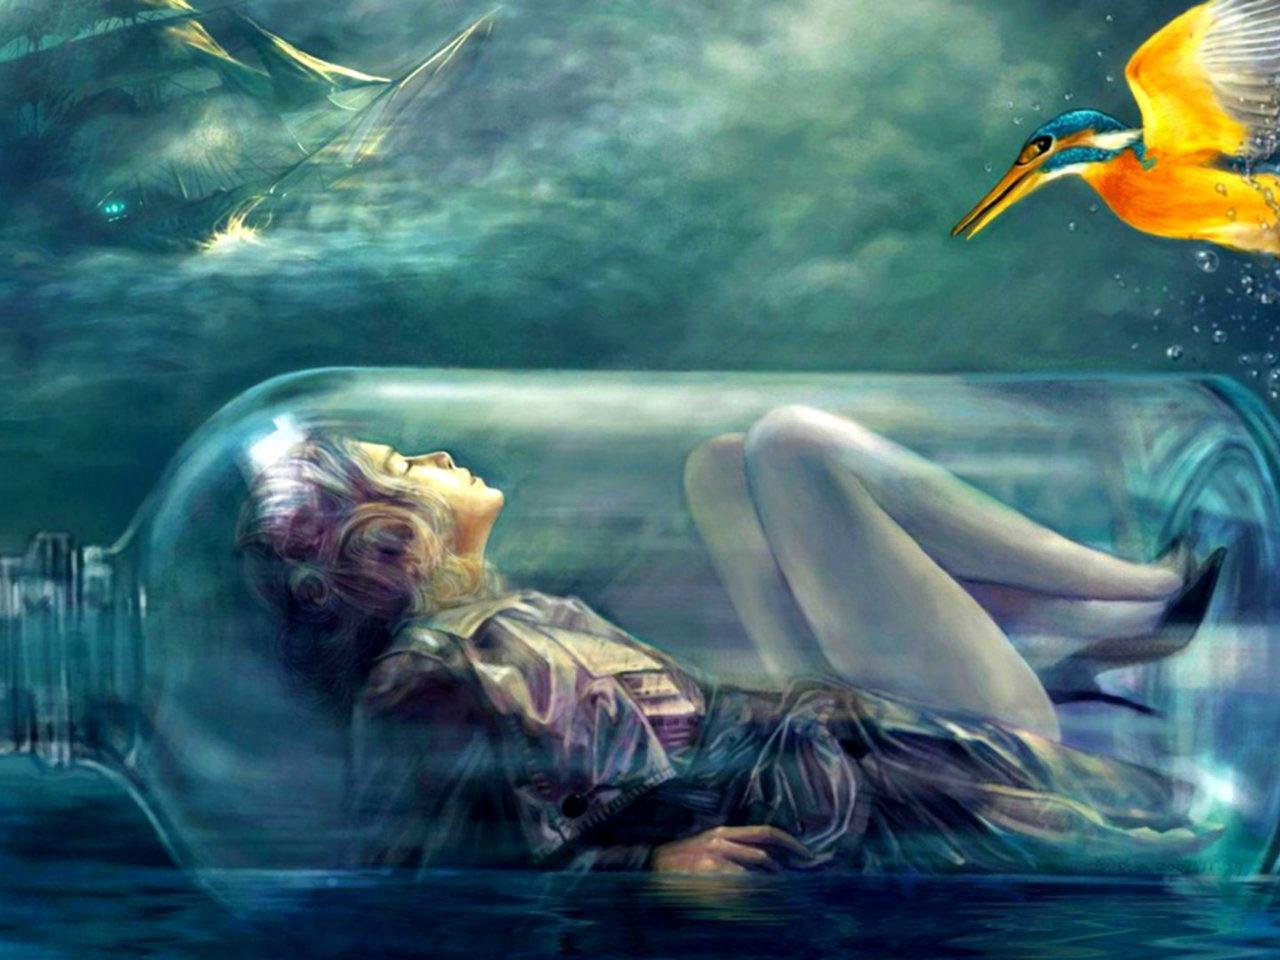 Free Hd Girl Wallpaper Download Girl In A Glass Bottle Sea Ocean Bird Fantasy Hd Wallpaper